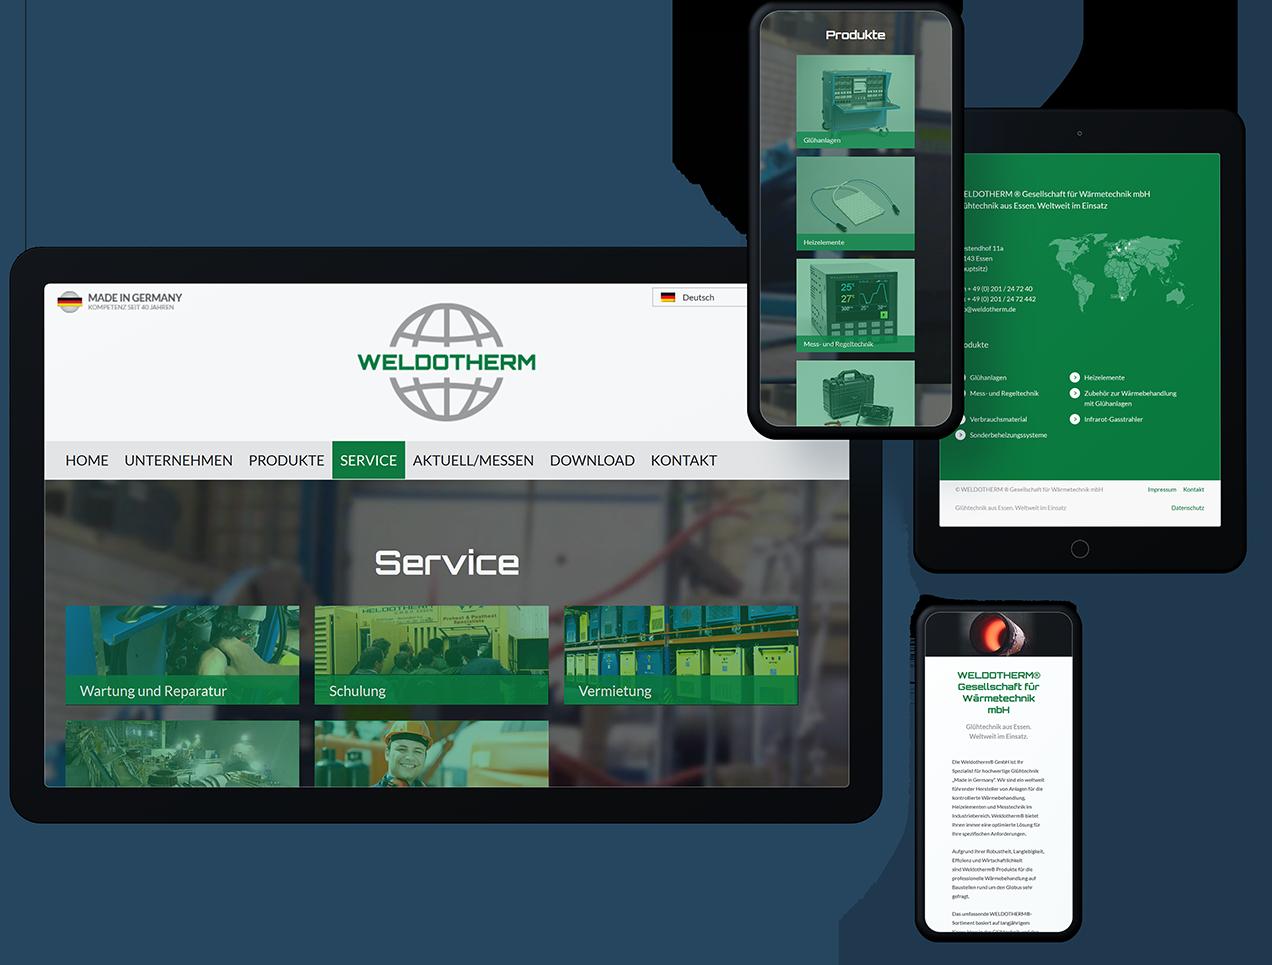 Ein großer Computerbildschirm, ein Tablet, ein großes Smartphone und ein kleines Smartphone zeigen unterschiedliche Seiten der Weldotherm Website